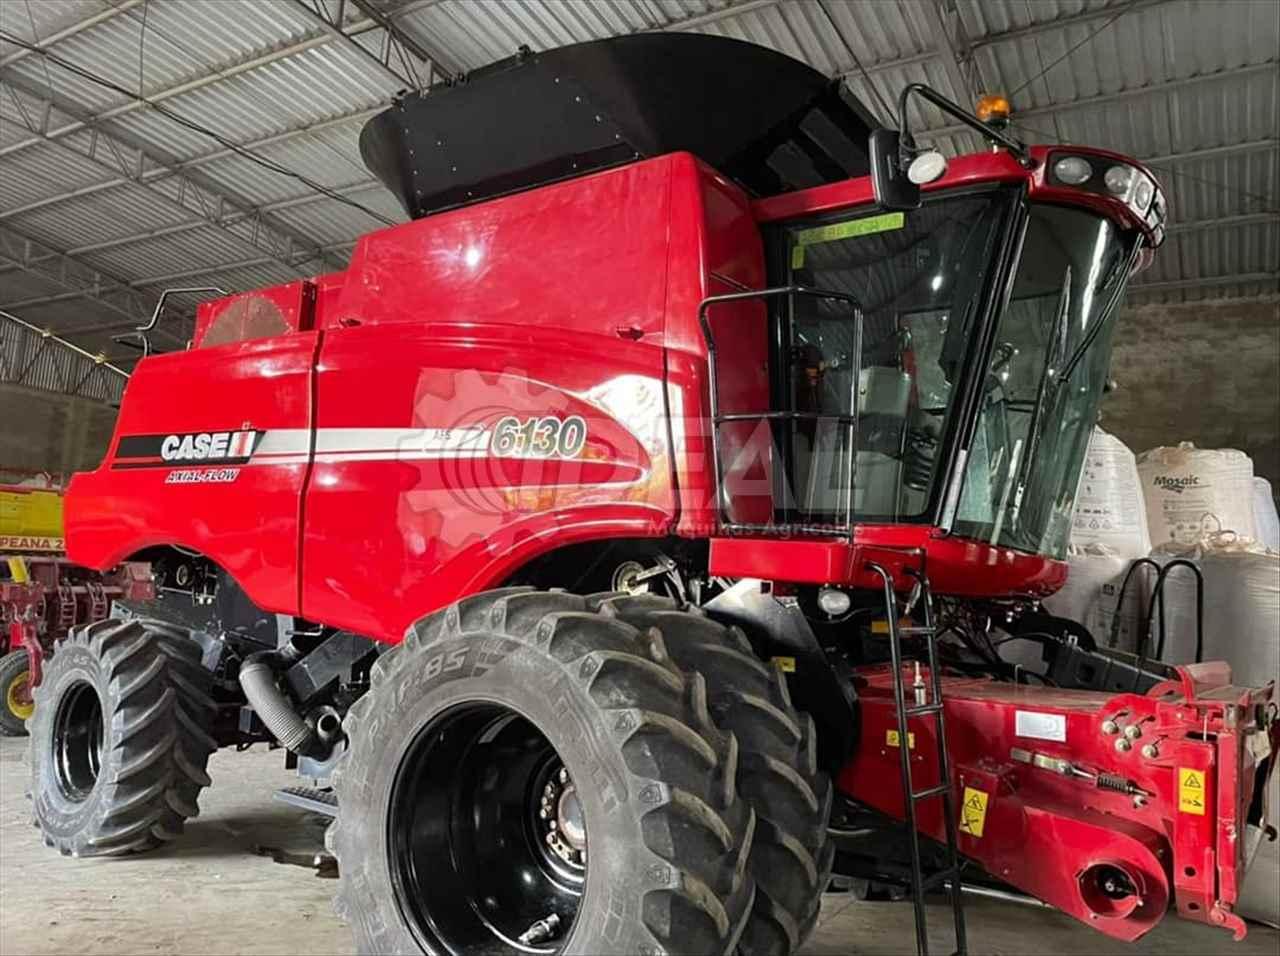 COLHEITADEIRA CASE CASE 6130 Ideal Máquinas Agrícolas SAO GONCALO DO SAPUCAI MINAS GERAIS MG